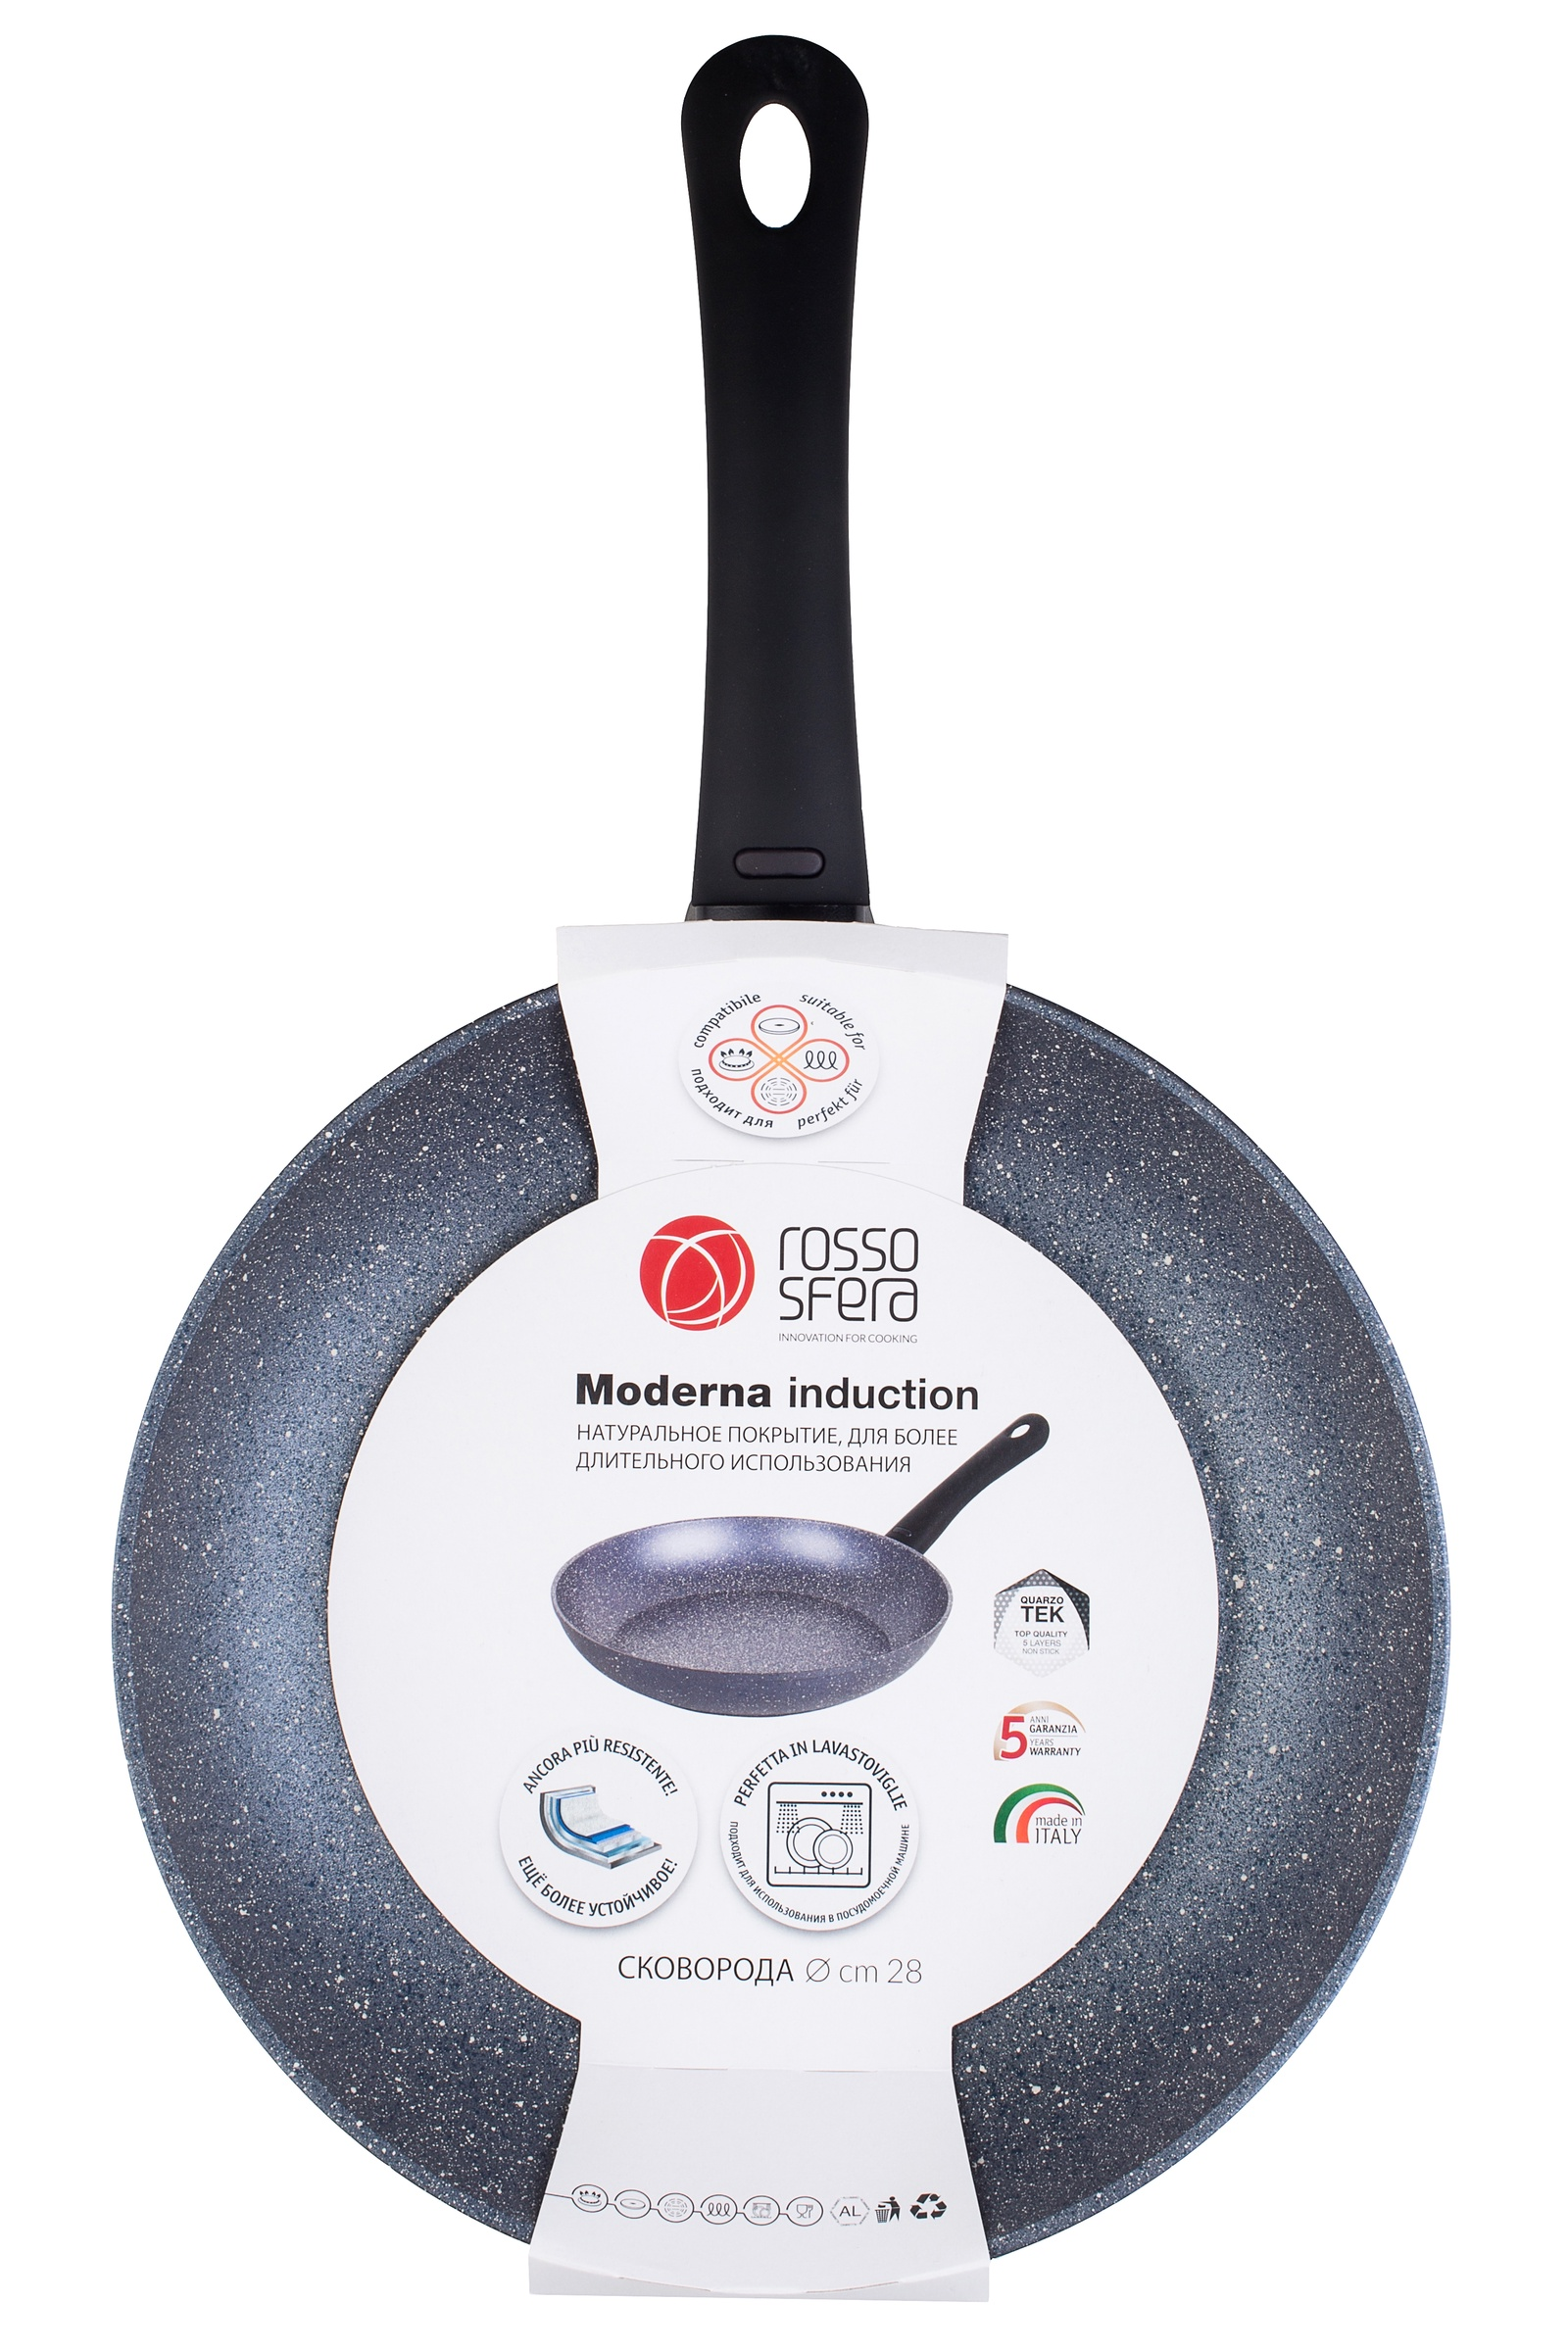 Индукционная сковорода D28 см. Термодатчик.